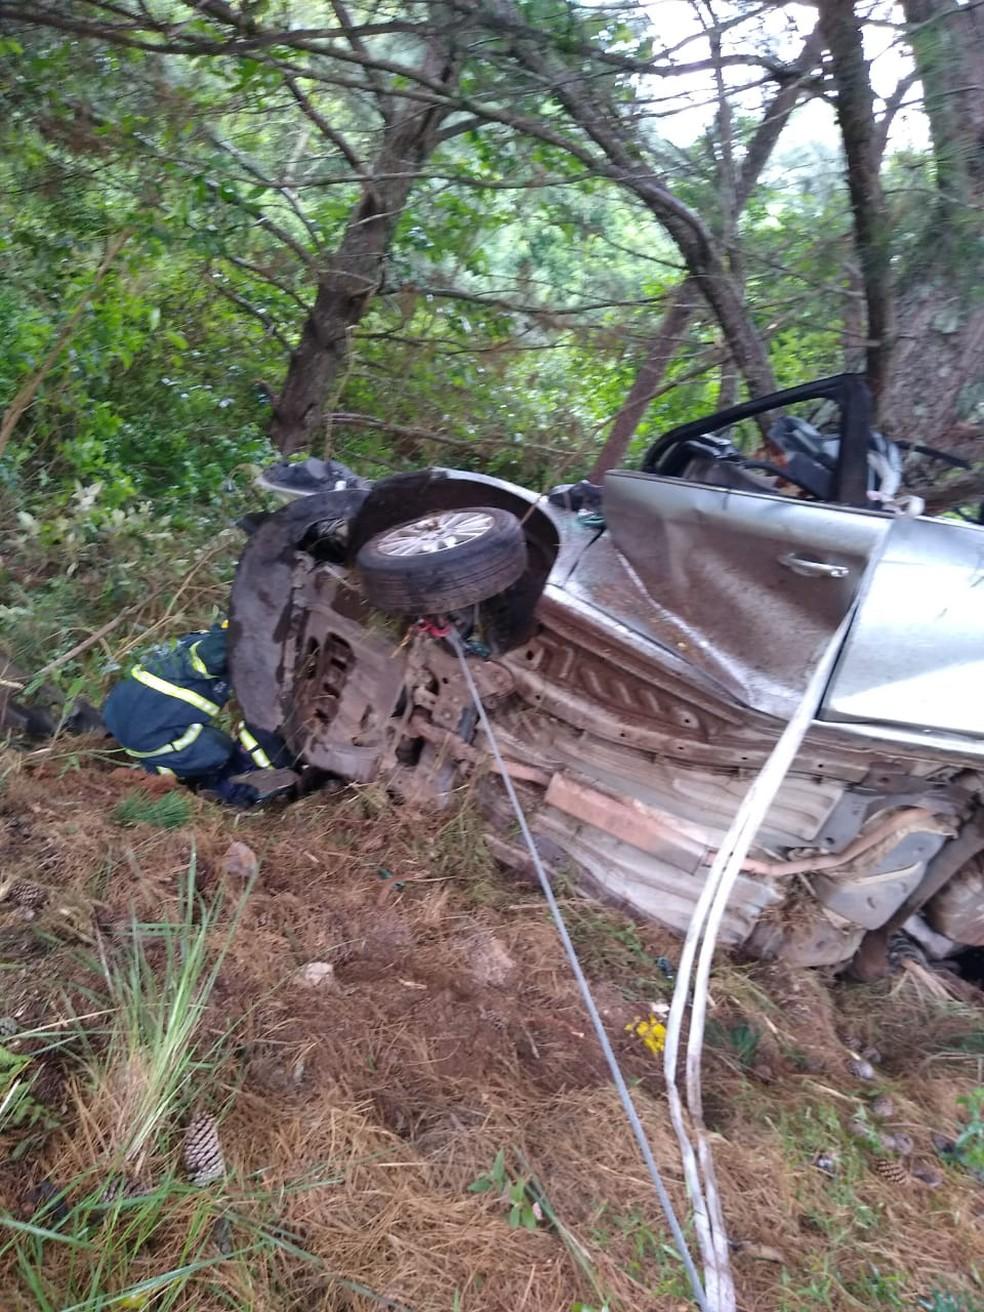 Carro parou de lado em árvore após sair da pista e capotar e bombeiros precisaram usar guincho pra desvirar veículo  — Foto: Corpo de Bombeiros Militar/Divulgação